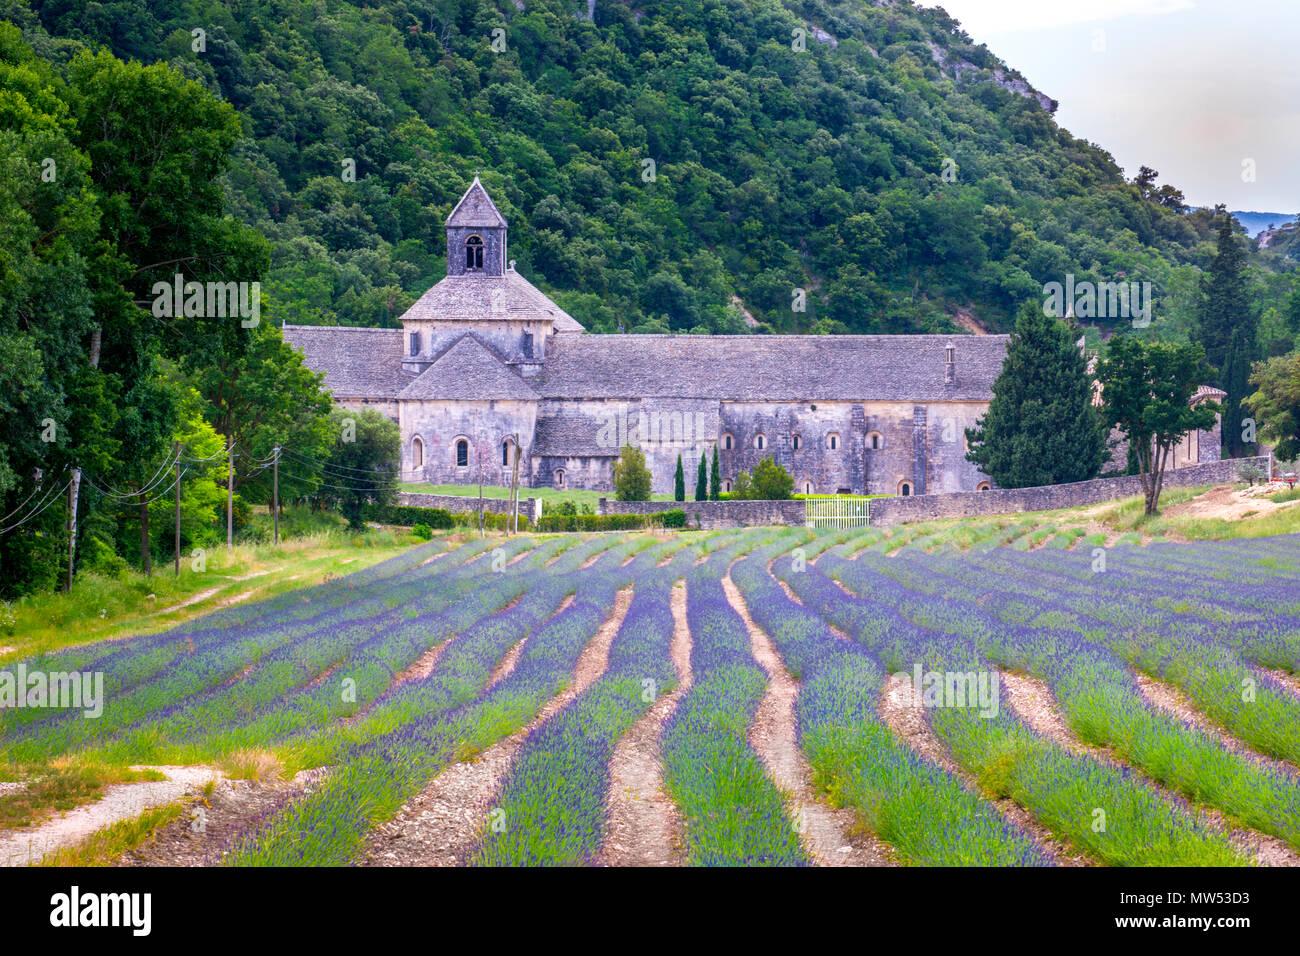 Francia, la región de Provenza, Gordes, Ciudad Senanque Abbey, campos de lavanda Imagen De Stock